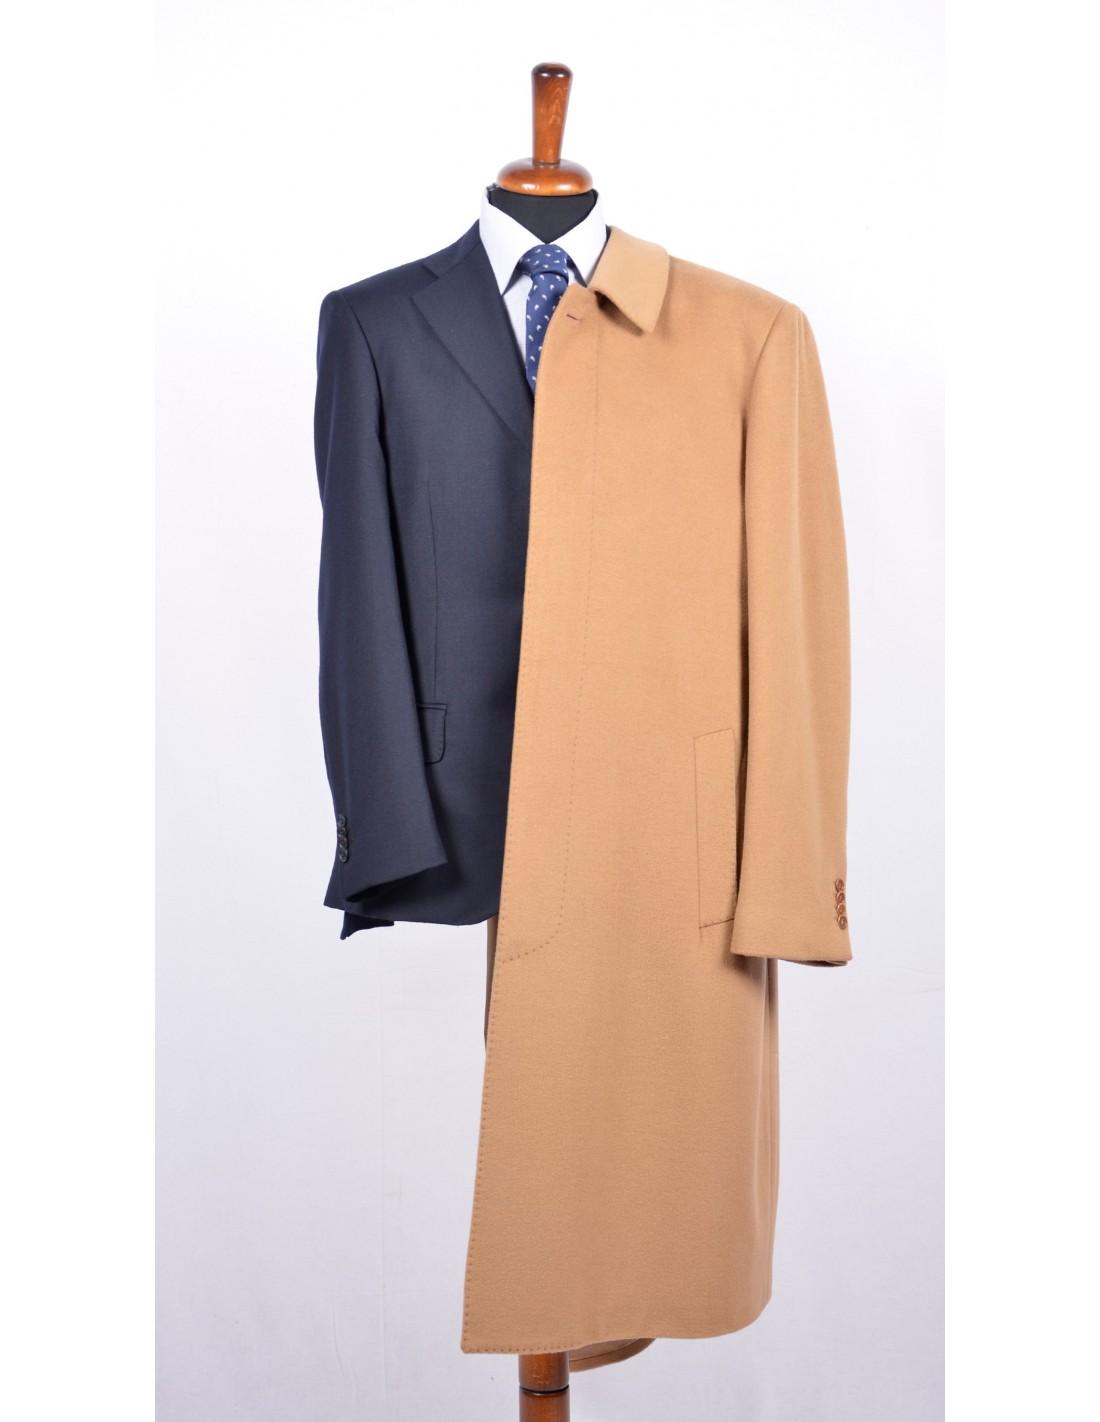 Acquista Nuovi Uomini Boutique Di Moda Colore Puro Cappotto Di Lana Di Alta Qualità Trench Business Maschio Il Tempo Libero Misto Lana Spolverino